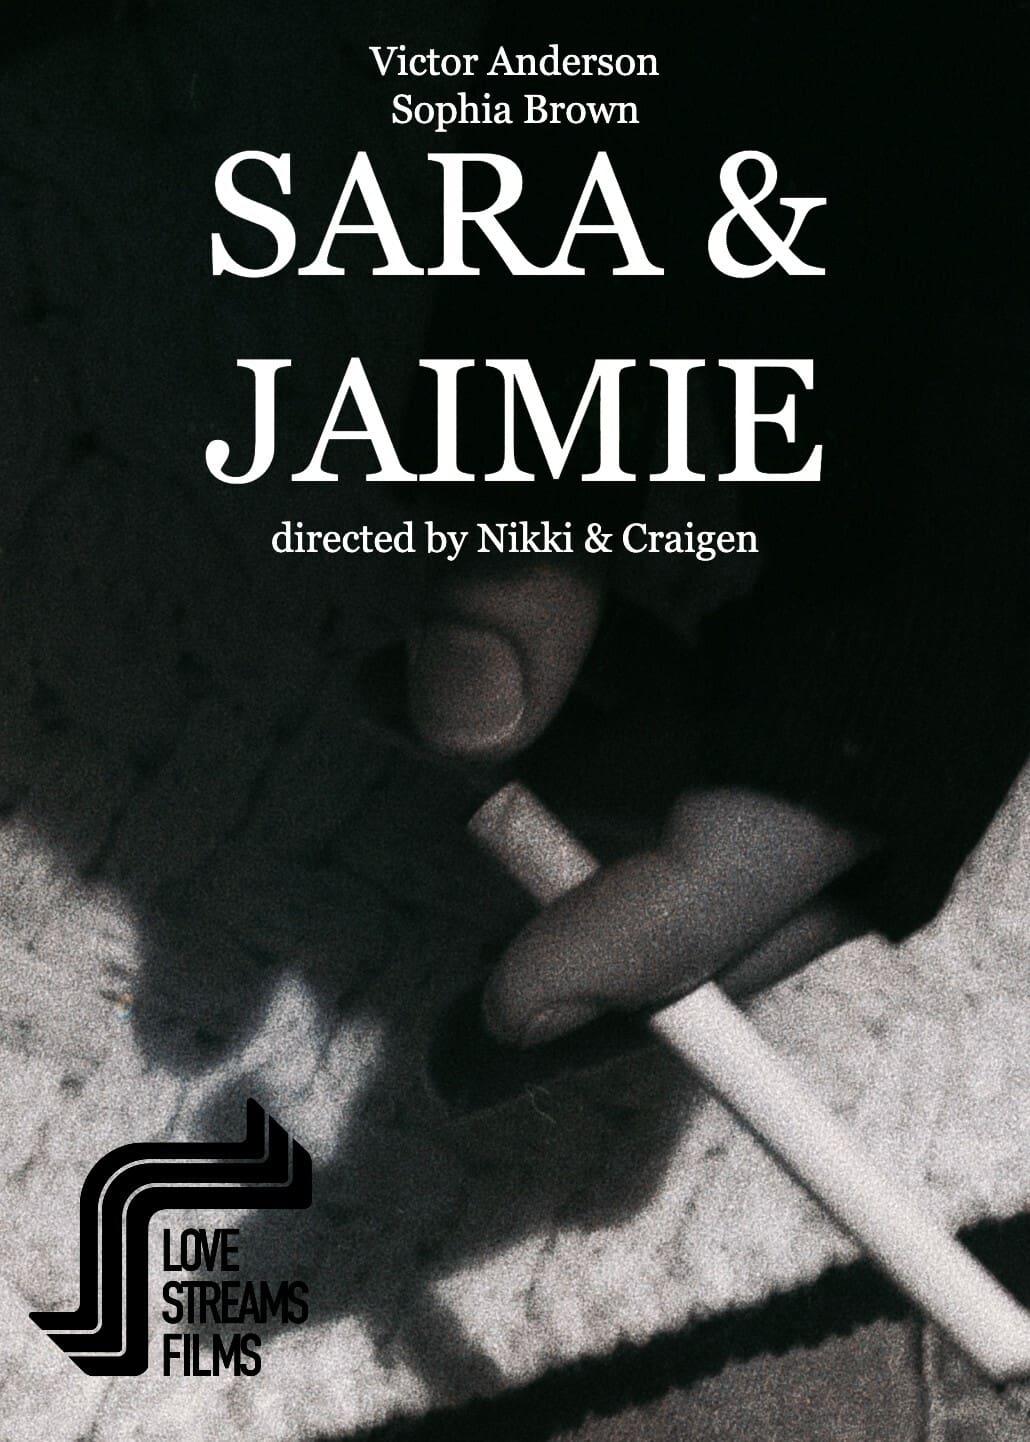 Sara & Jaimie